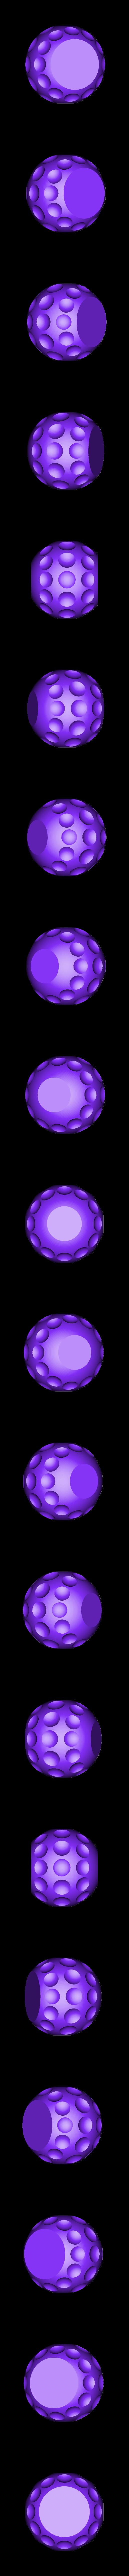 BallVase2_v2.stl Télécharger fichier STL gratuit pot de fleurs en forme de boule • Plan pour imprimante 3D, a69291954